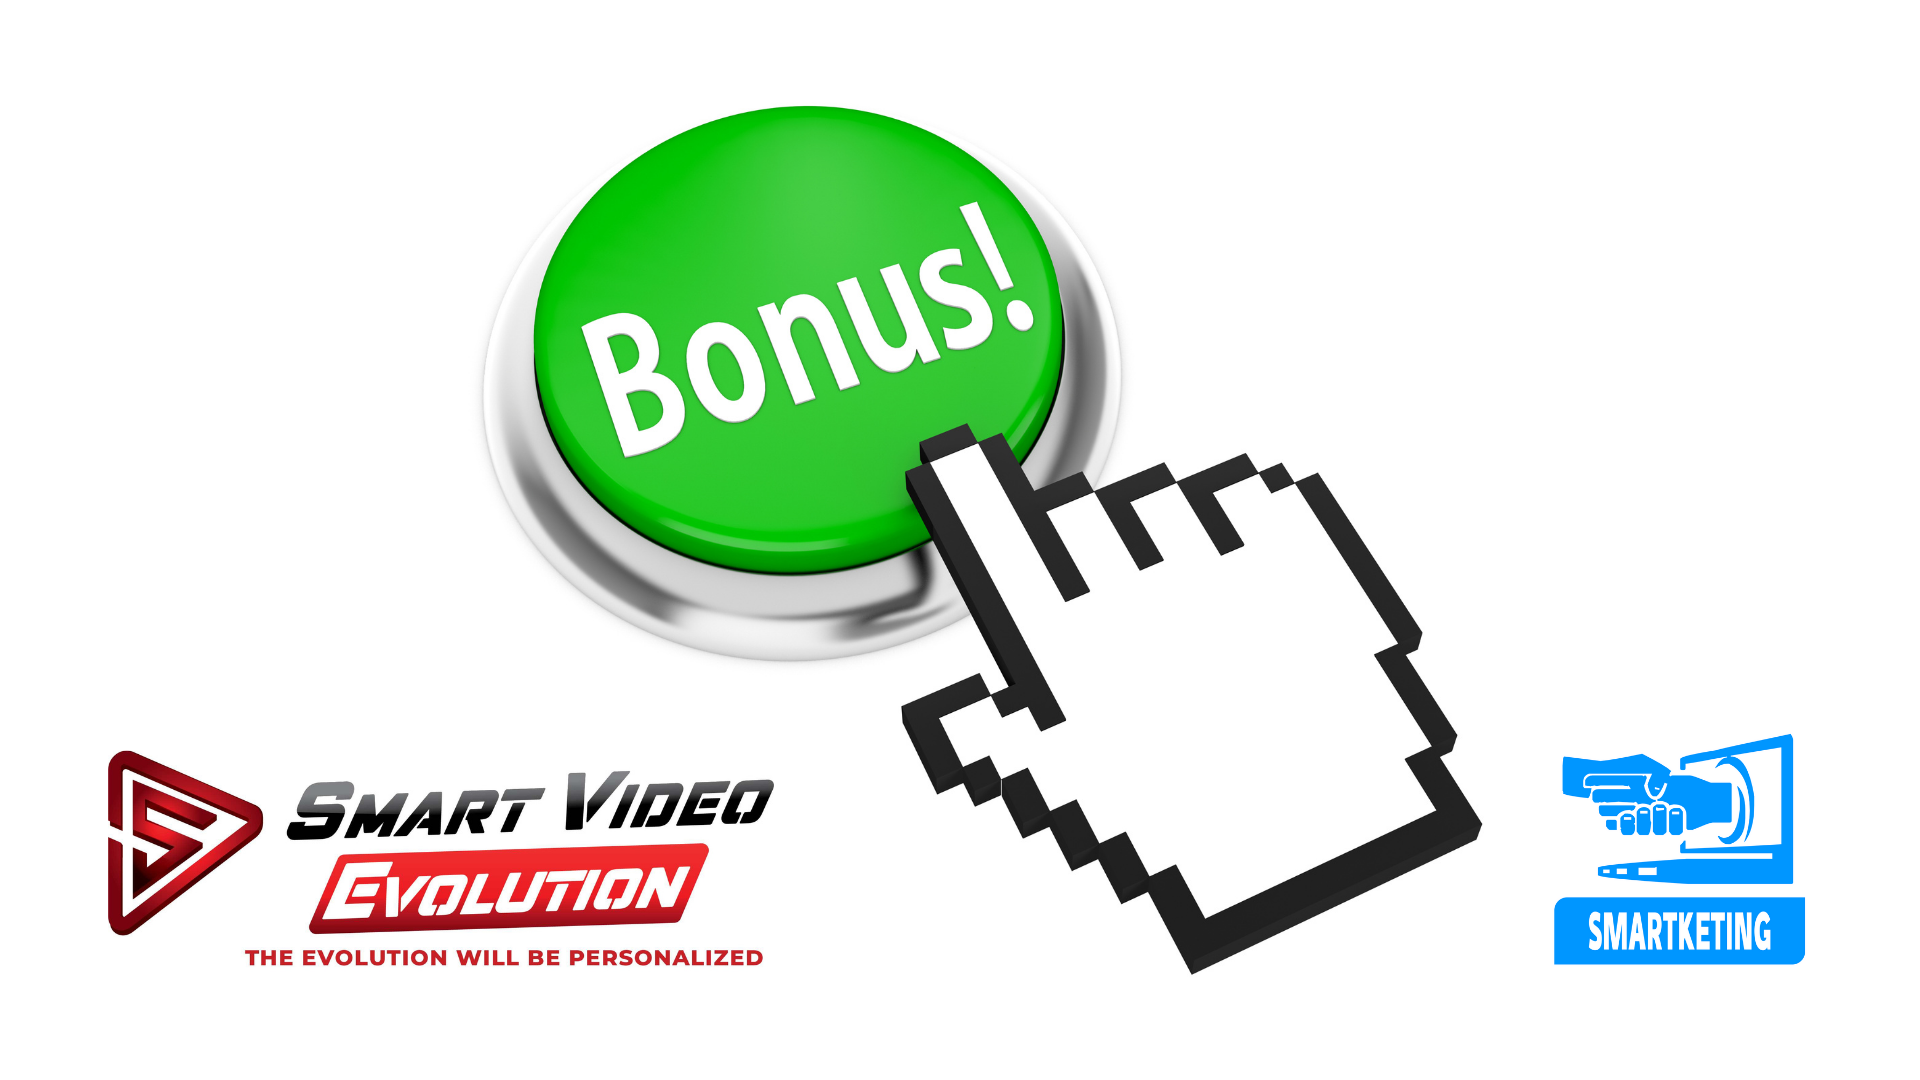 Cliquez sur ce lien pour acheter SmartVideo et recevoir tous ses bonus: